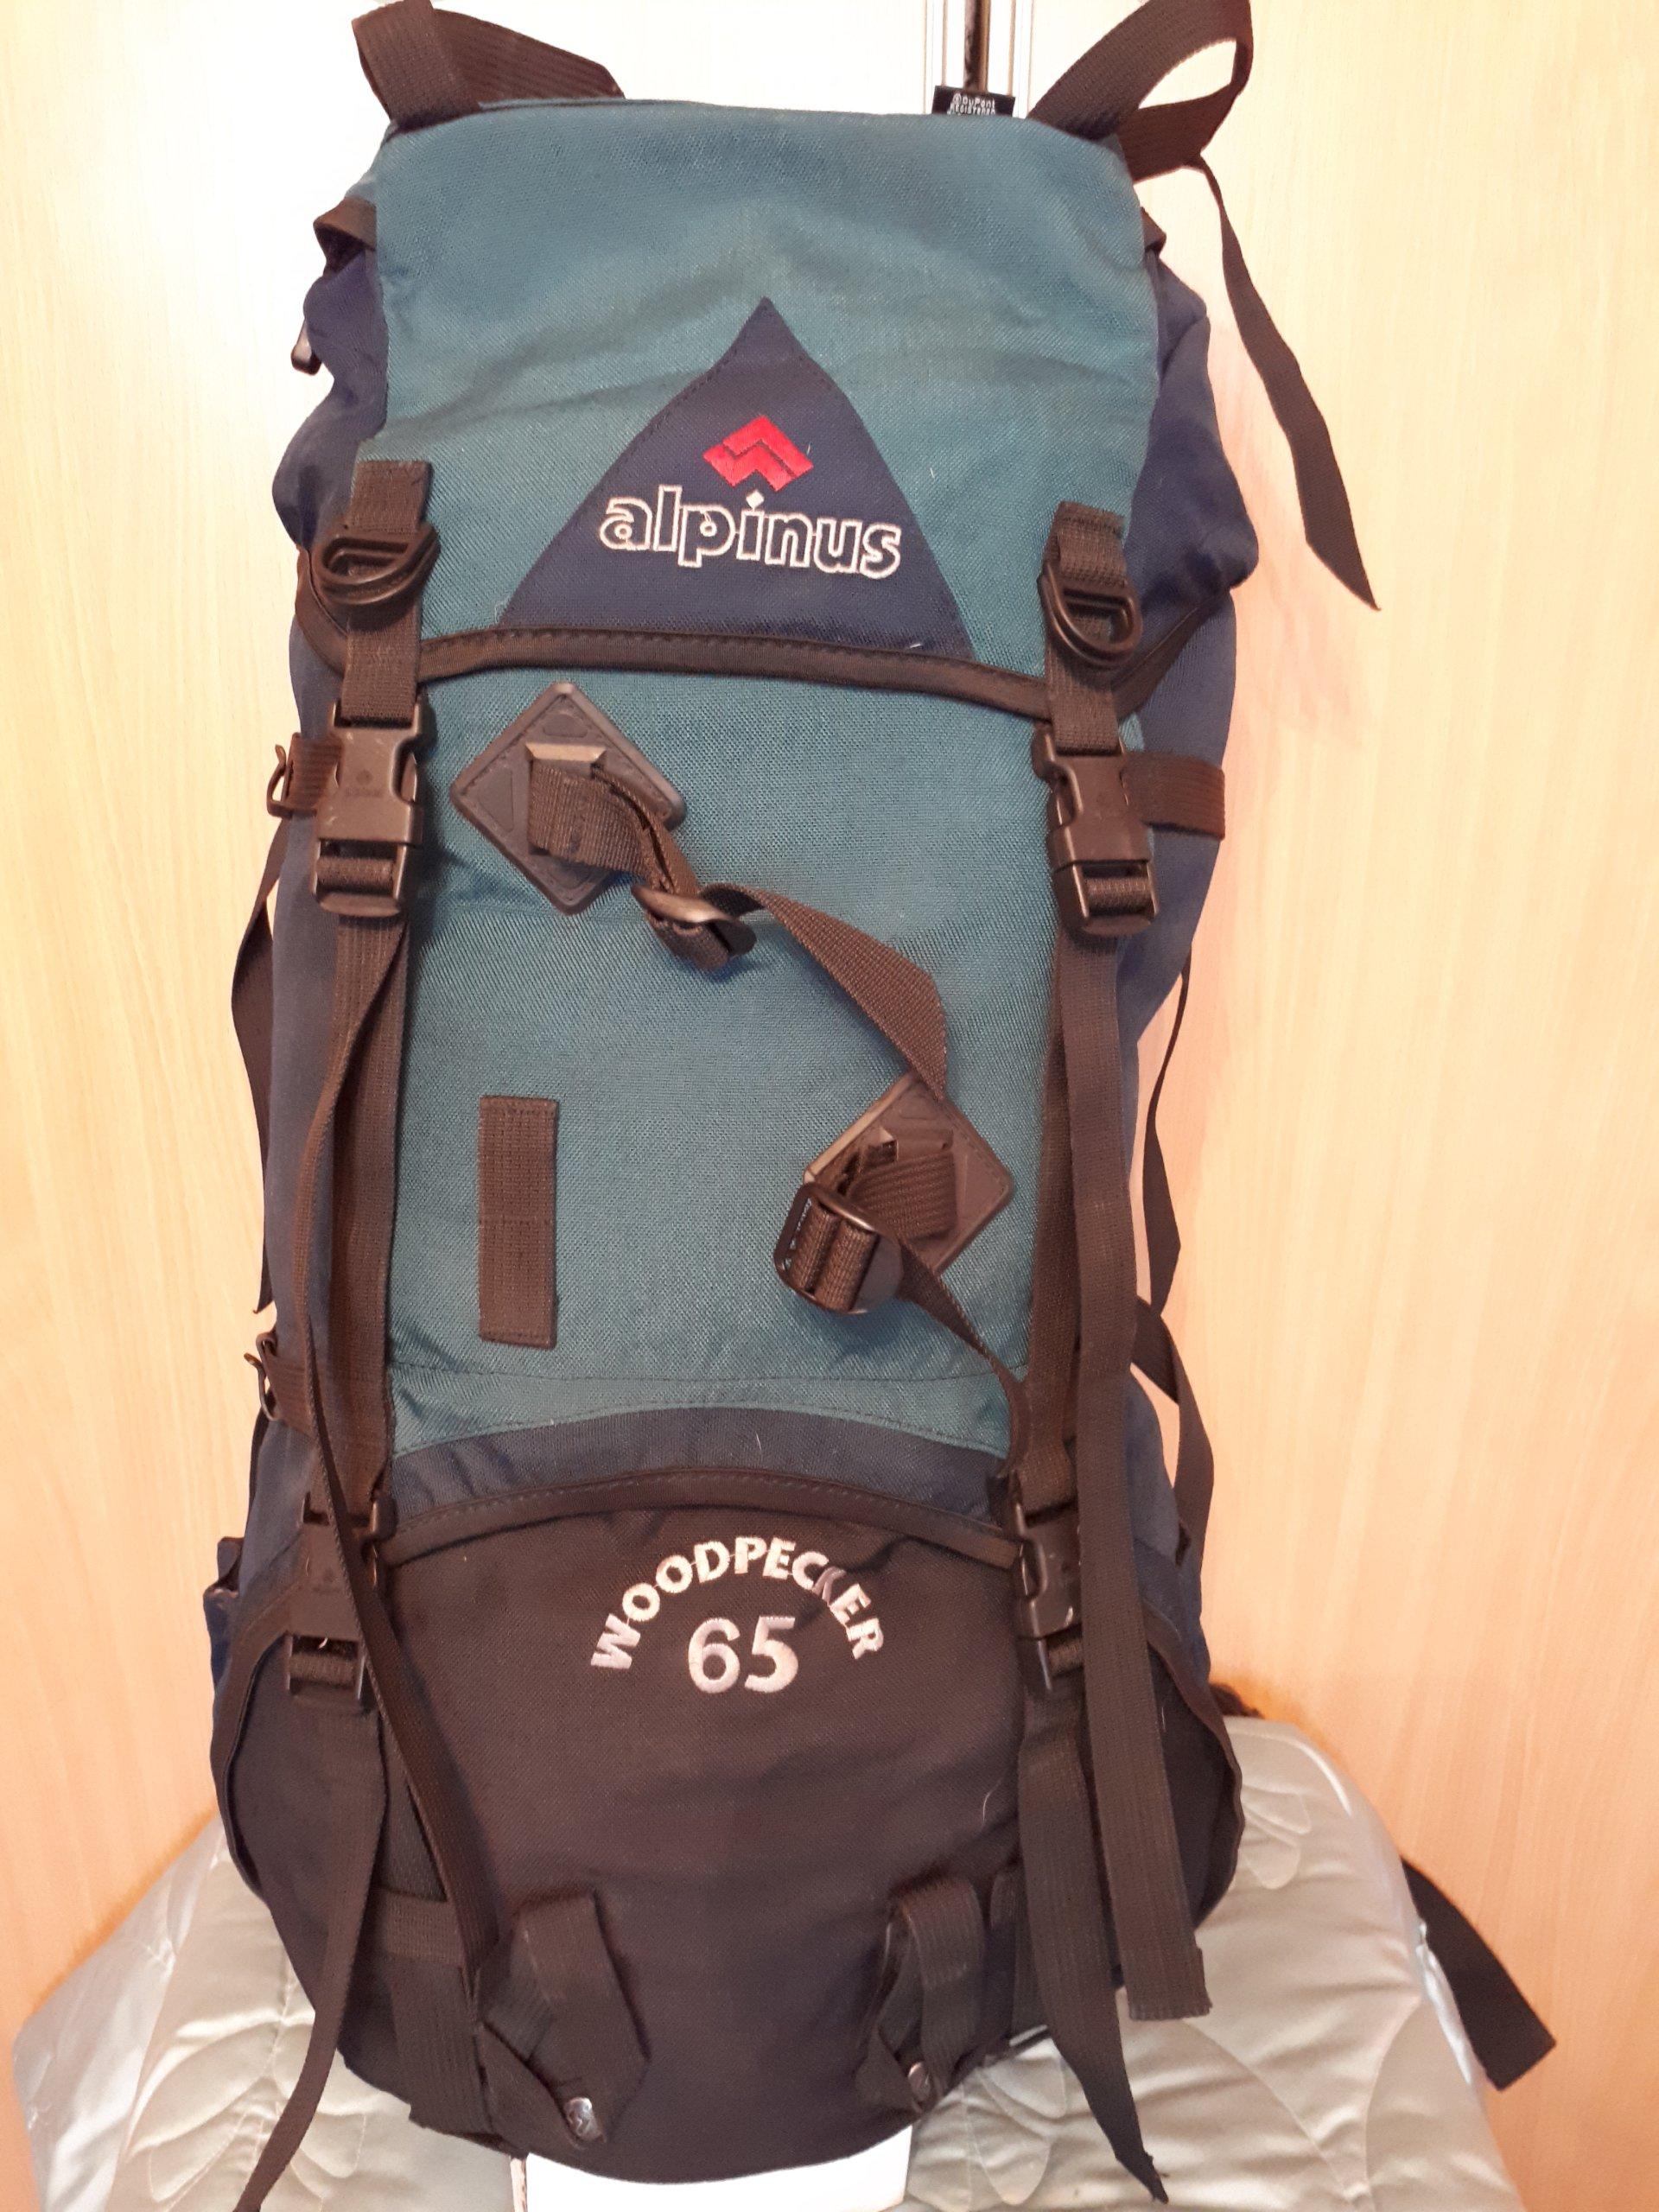 e7eeea0ebf32e Plecaki Alpinus Używany w Oficjalnym Archiwum Allegro - Strona 2 - archiwum  ofert